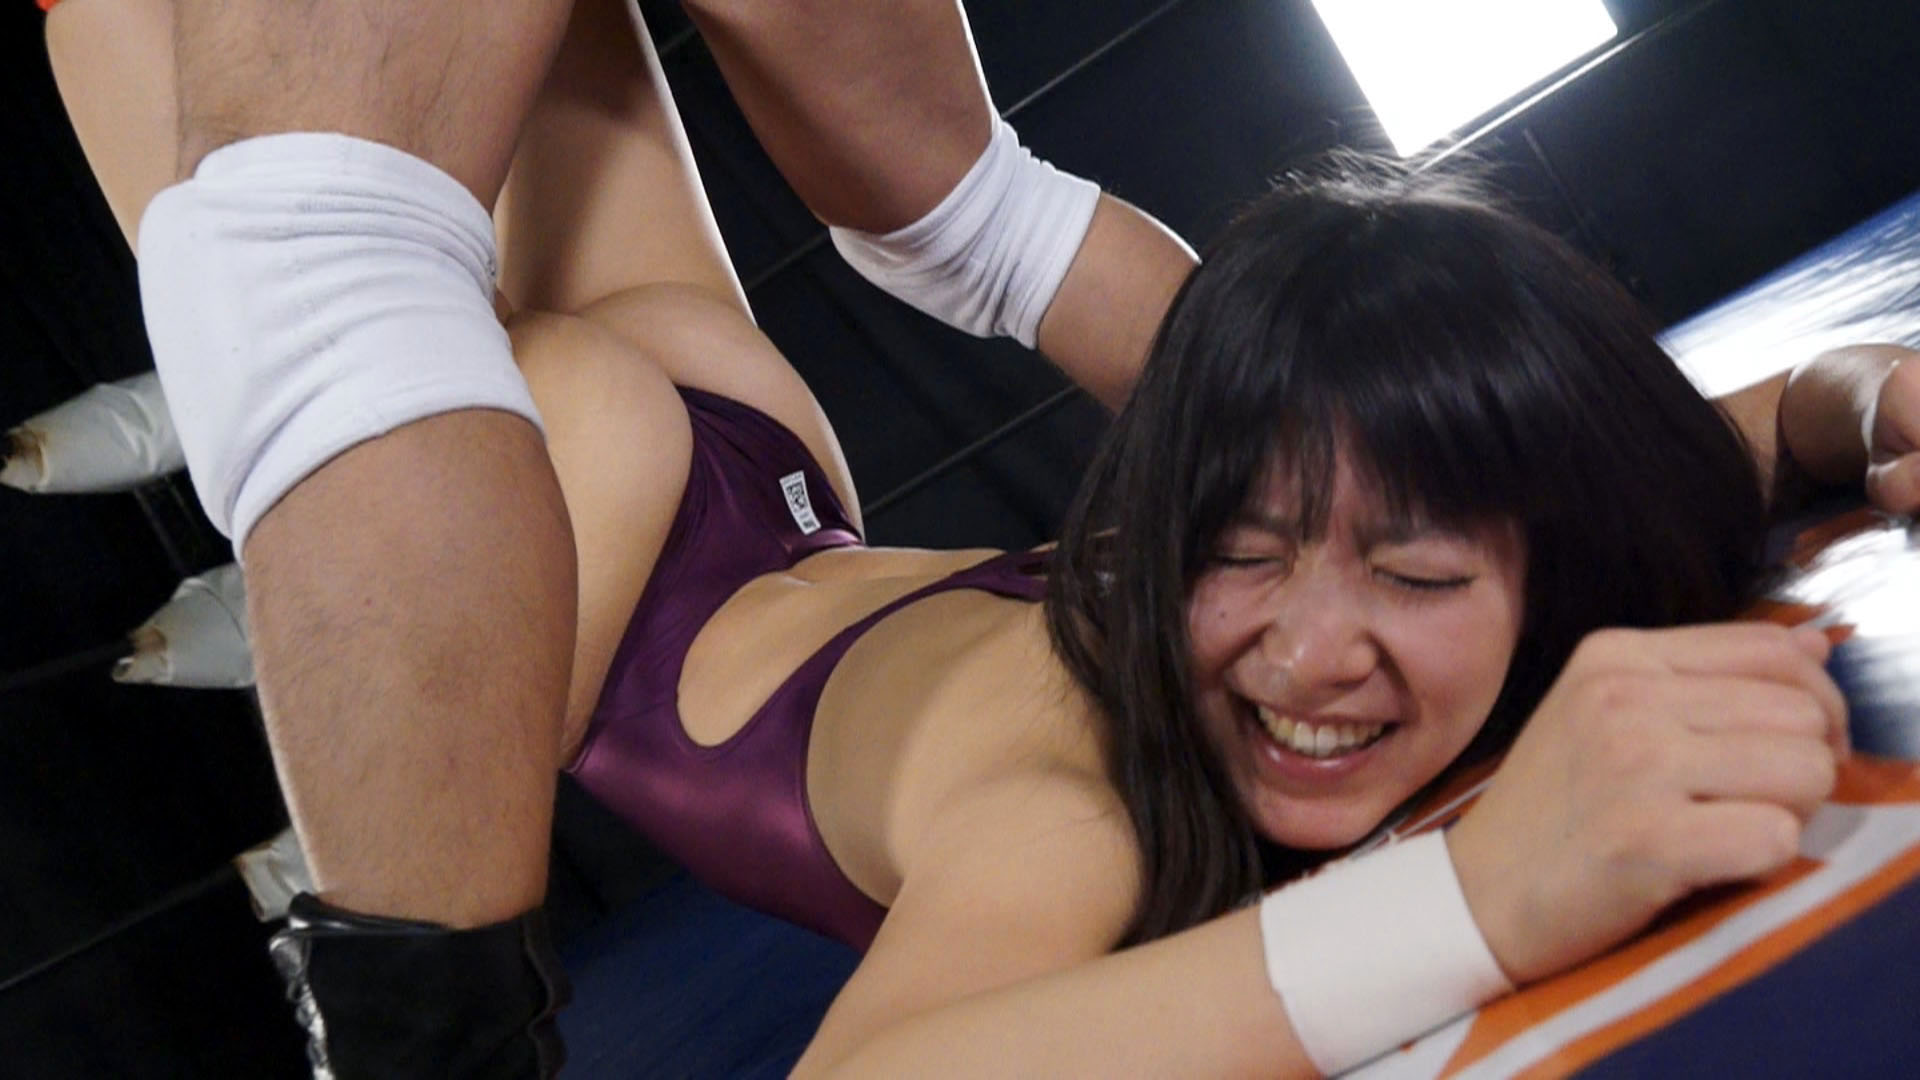 女子レスラー完全屈服ドミネーション Vol.3 サンプル画像01